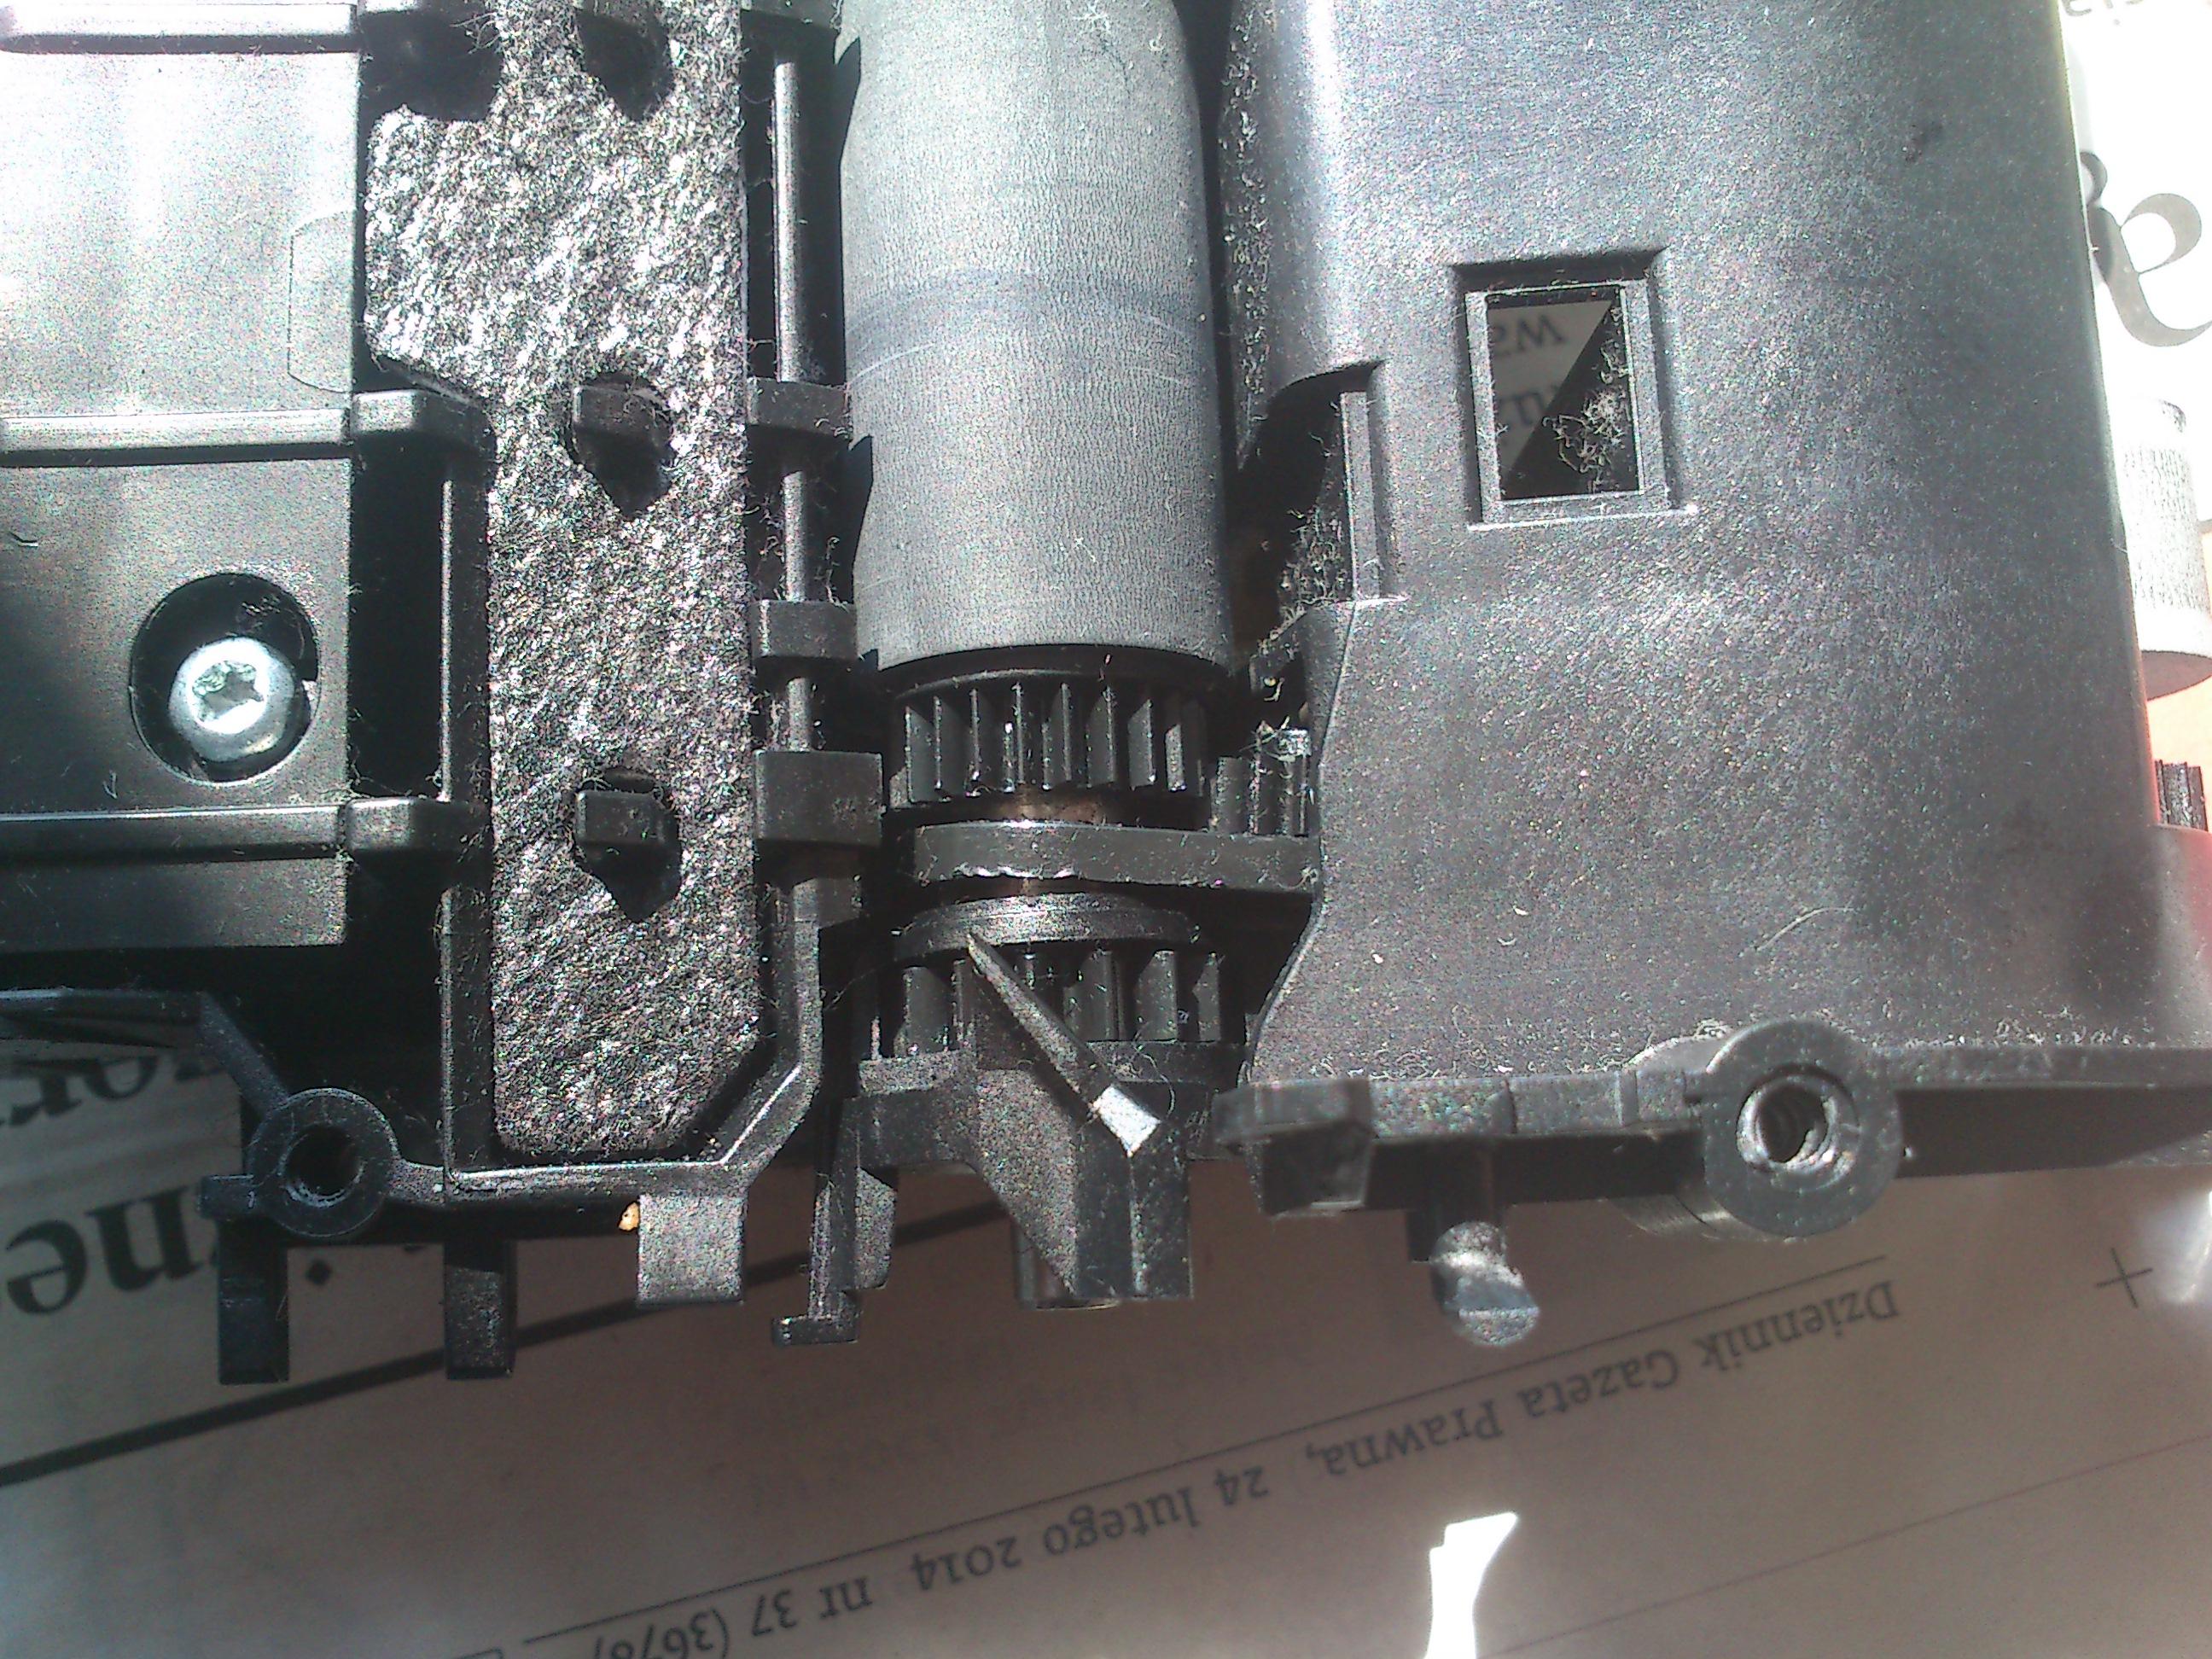 HP C4280 - zablokowana karetka, luzy na z�batkach?